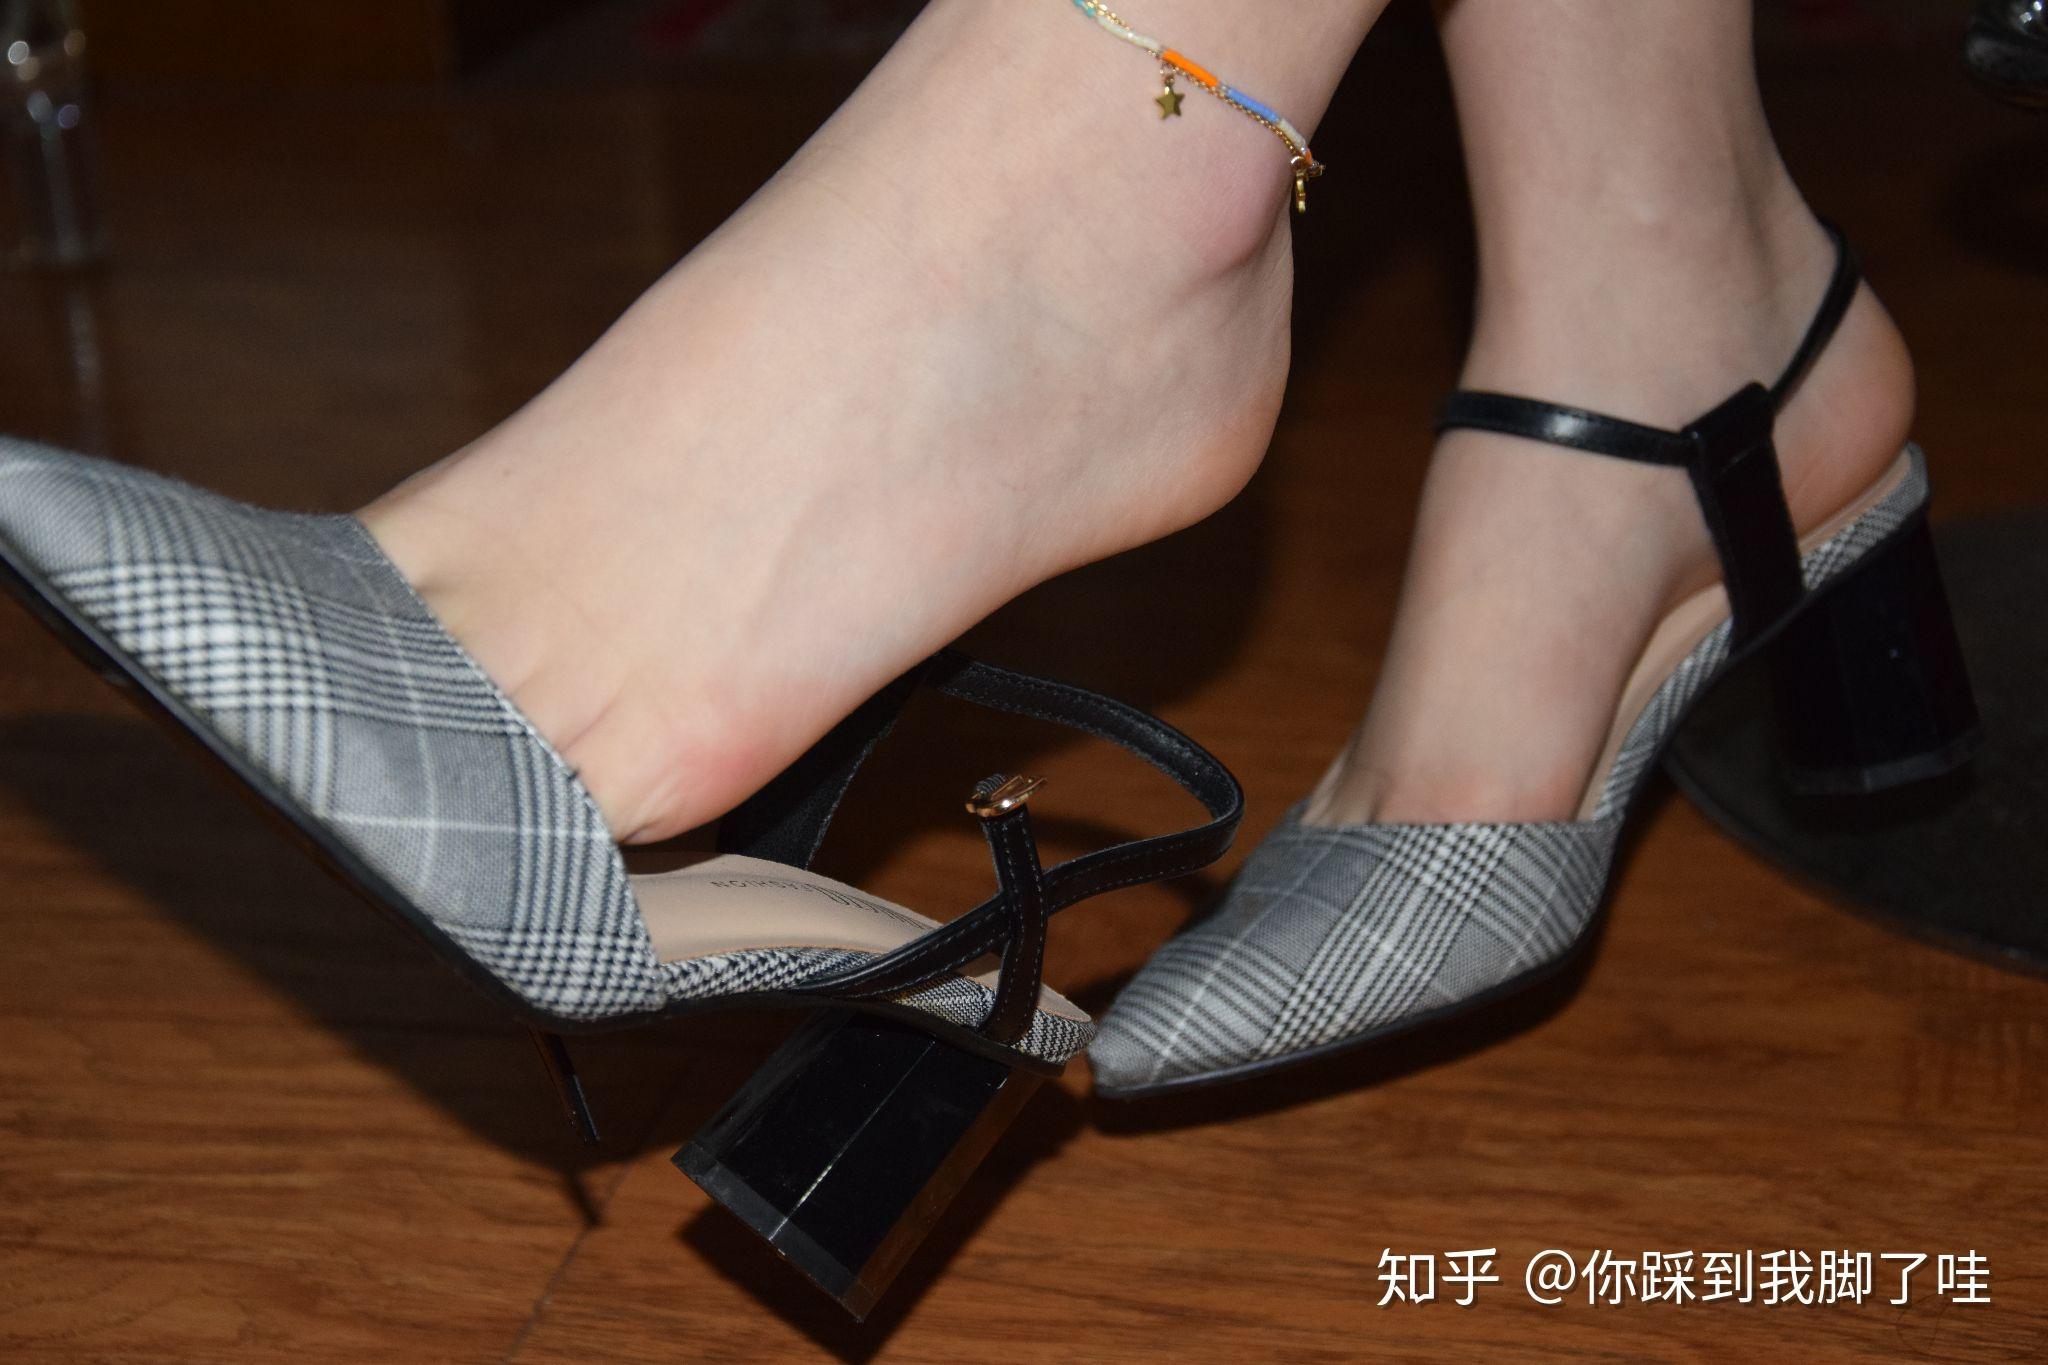 哪种高跟鞋穿着舒服_女生光脚穿单鞋或高跟鞋脚不臭吗?是怎么克服光脚不臭这个 ...